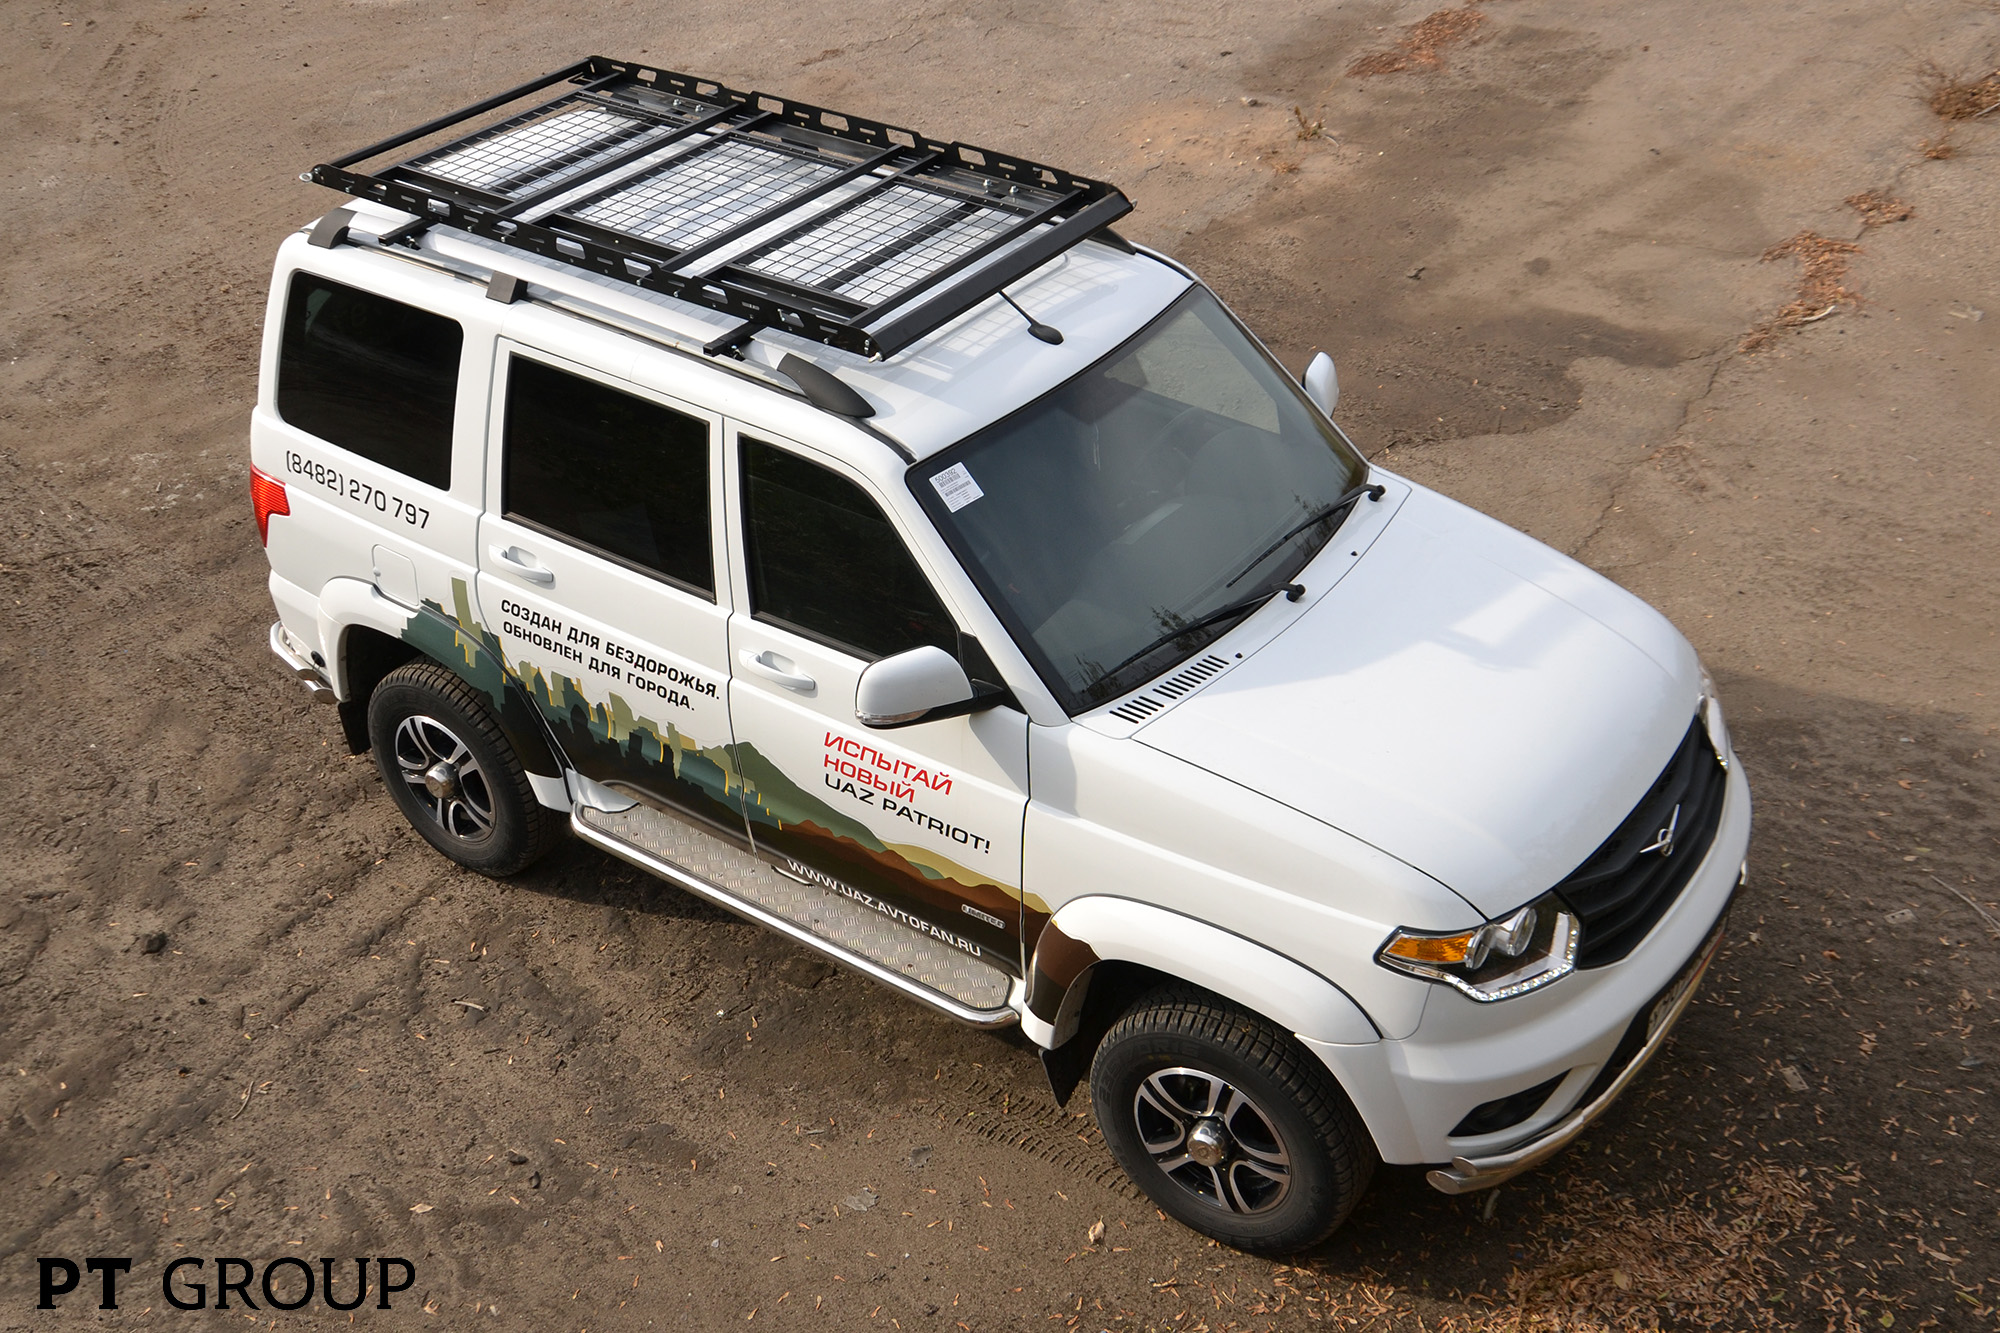 Багажник-корзина трёхсекционная универсальная с основанием-решетка (ППК) 2100х1100 мм под поперечины